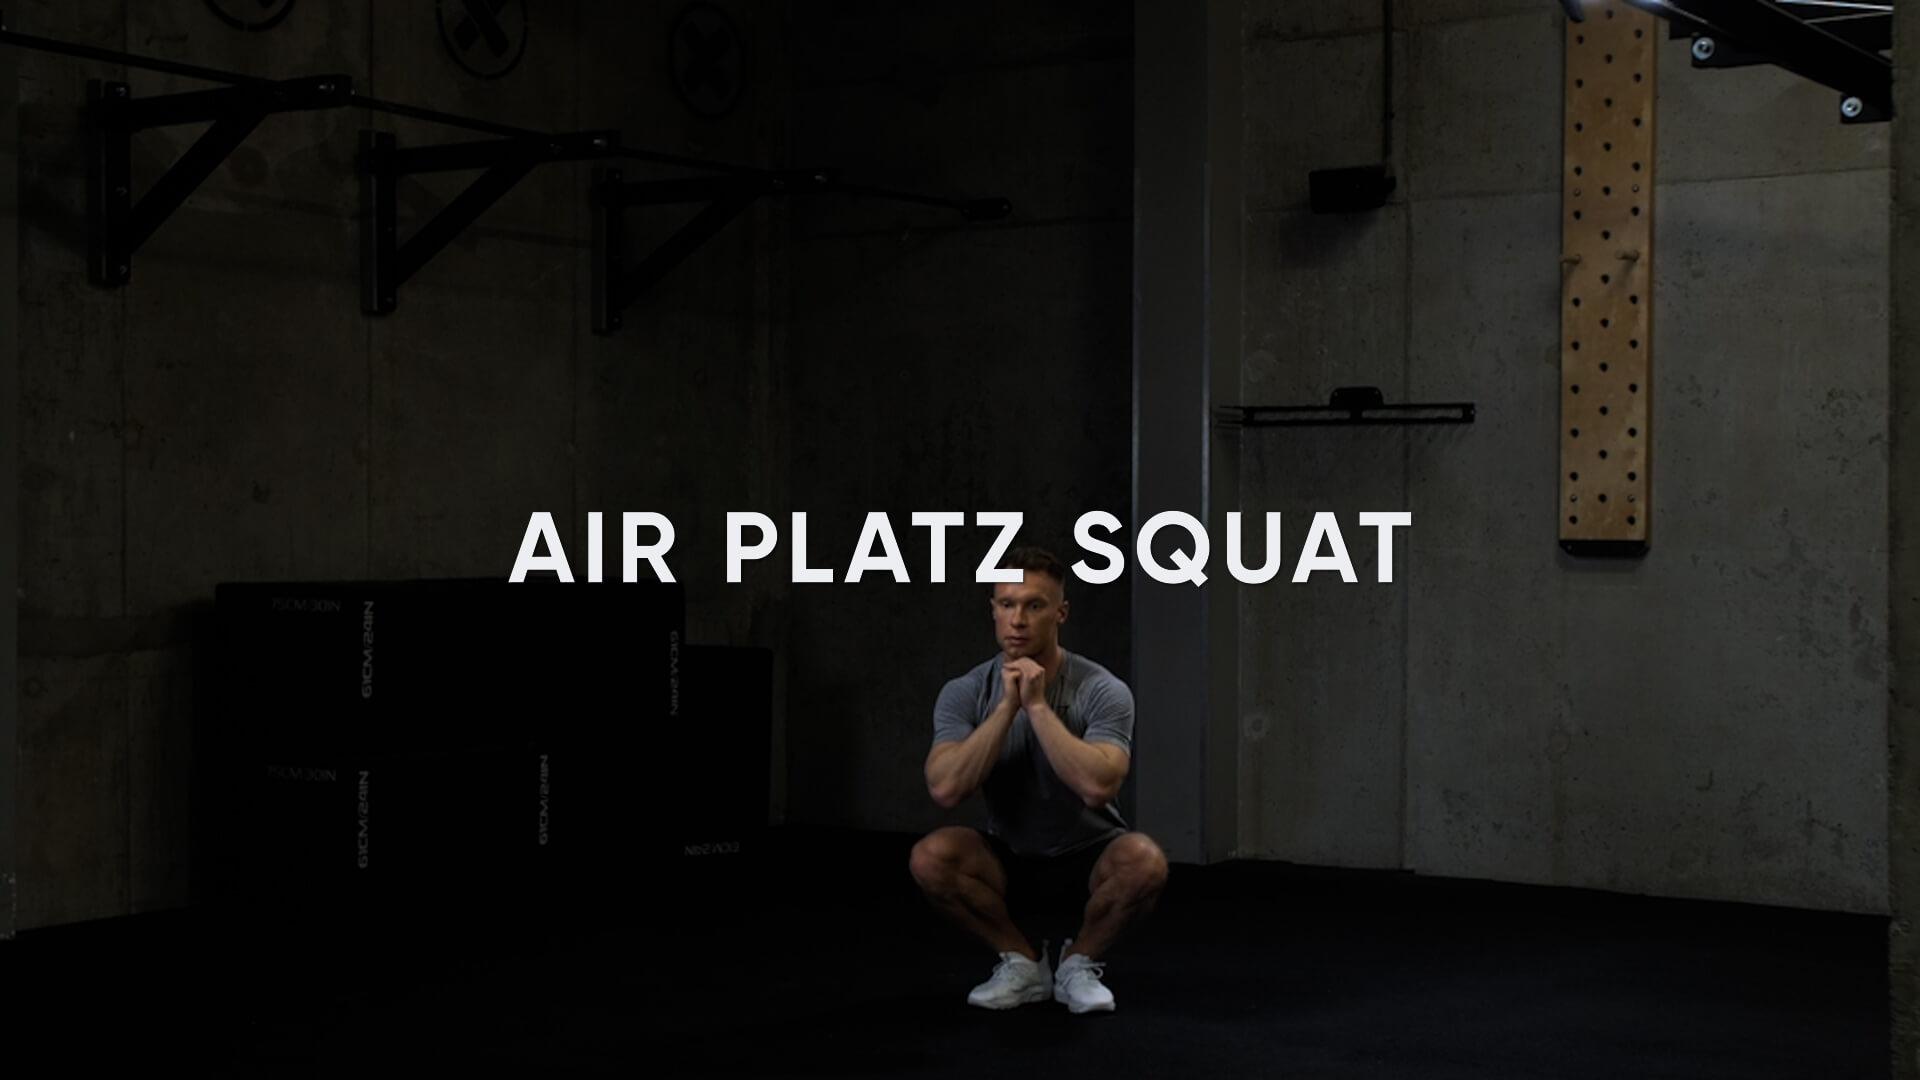 Air Platz Squat